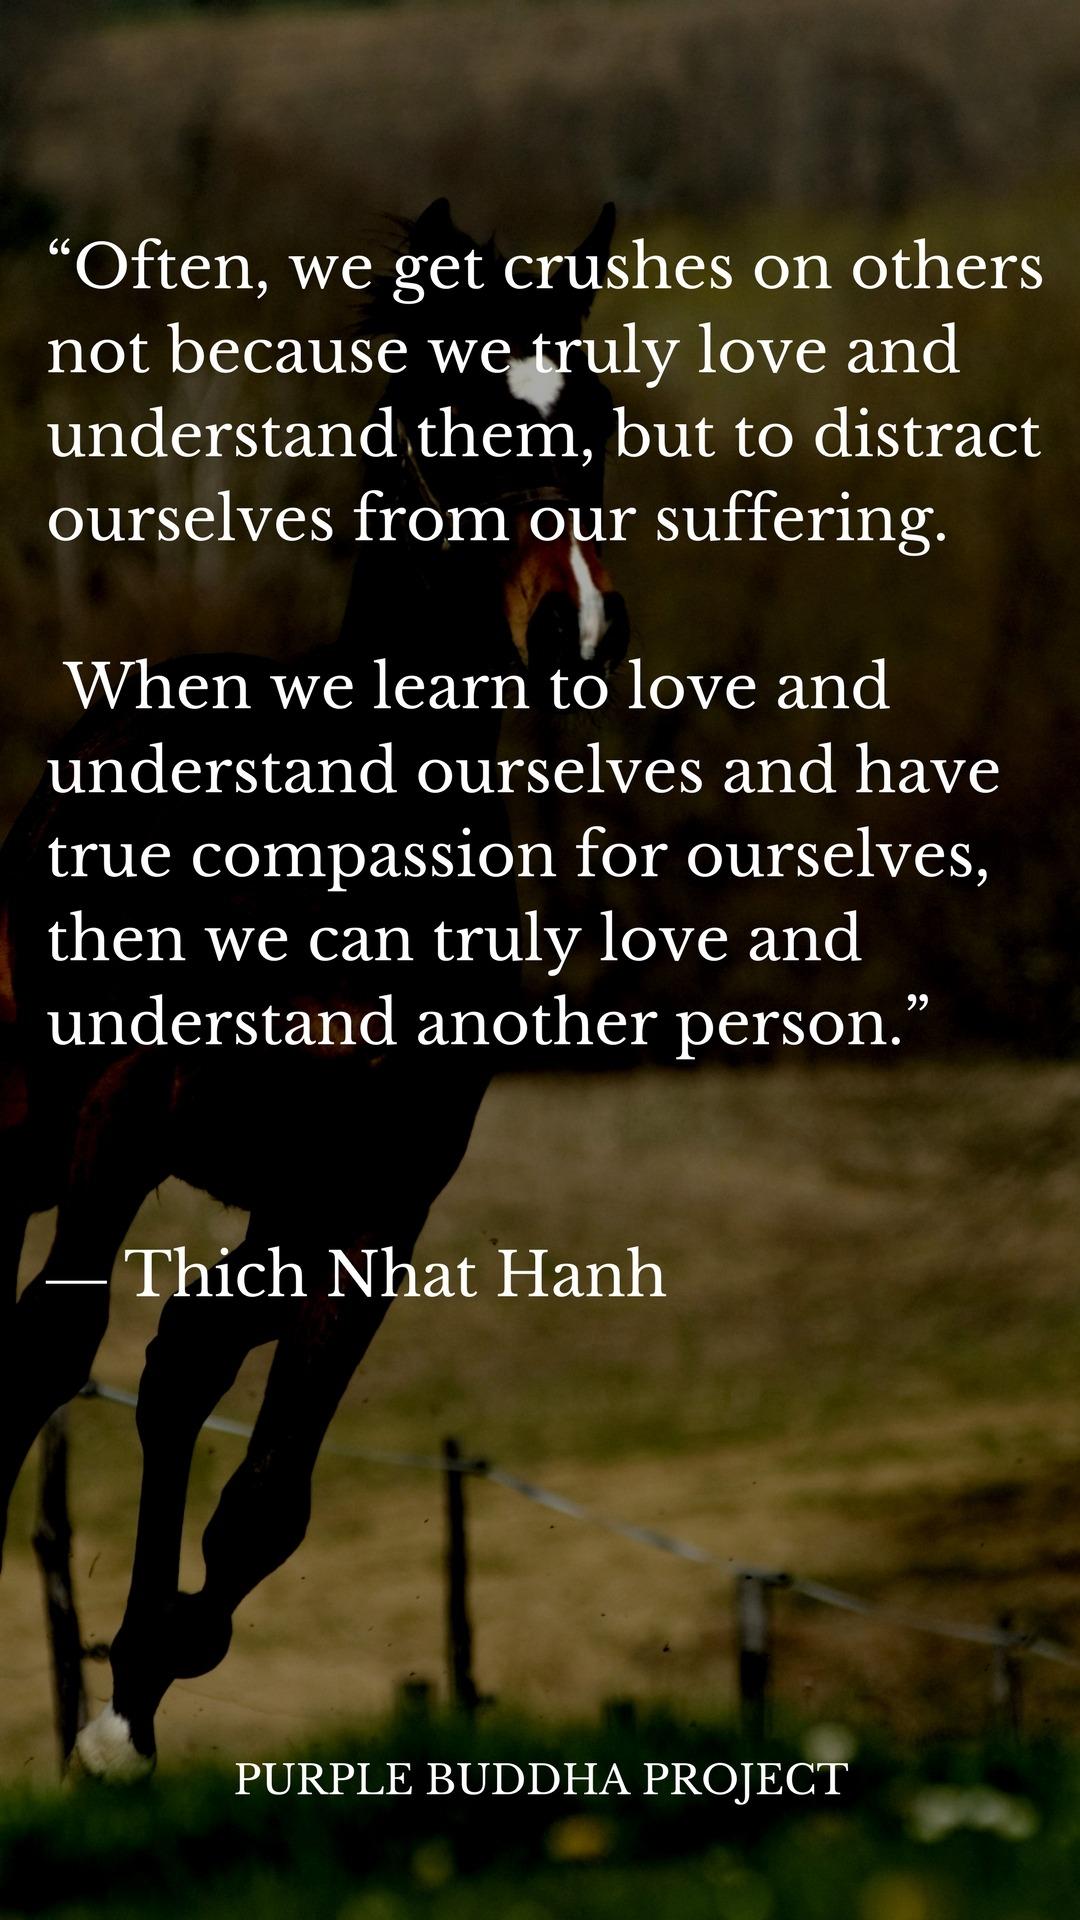 Buddha Quotes About Friendship Purple Buddha Quotes Follow Tumblr Blog Purple Buddha Quotes For